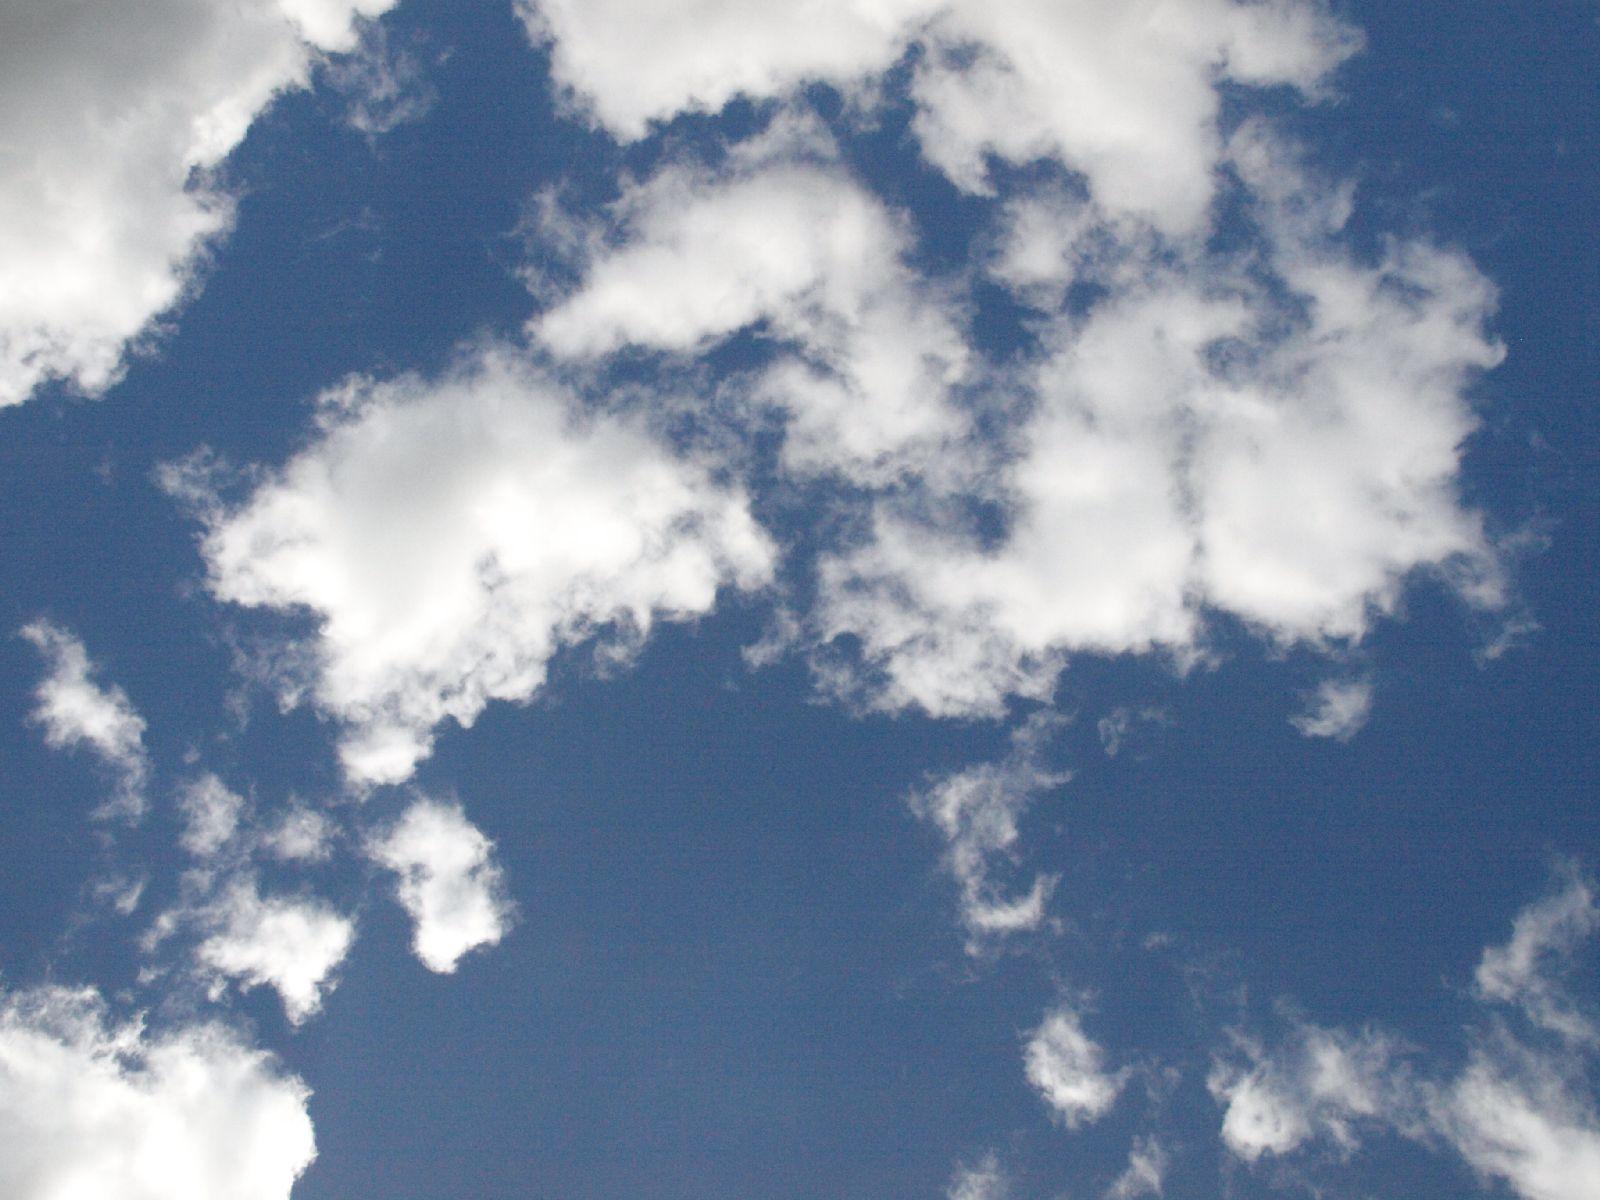 Himmel-Wolken-Foto_Textur_A_P5183810